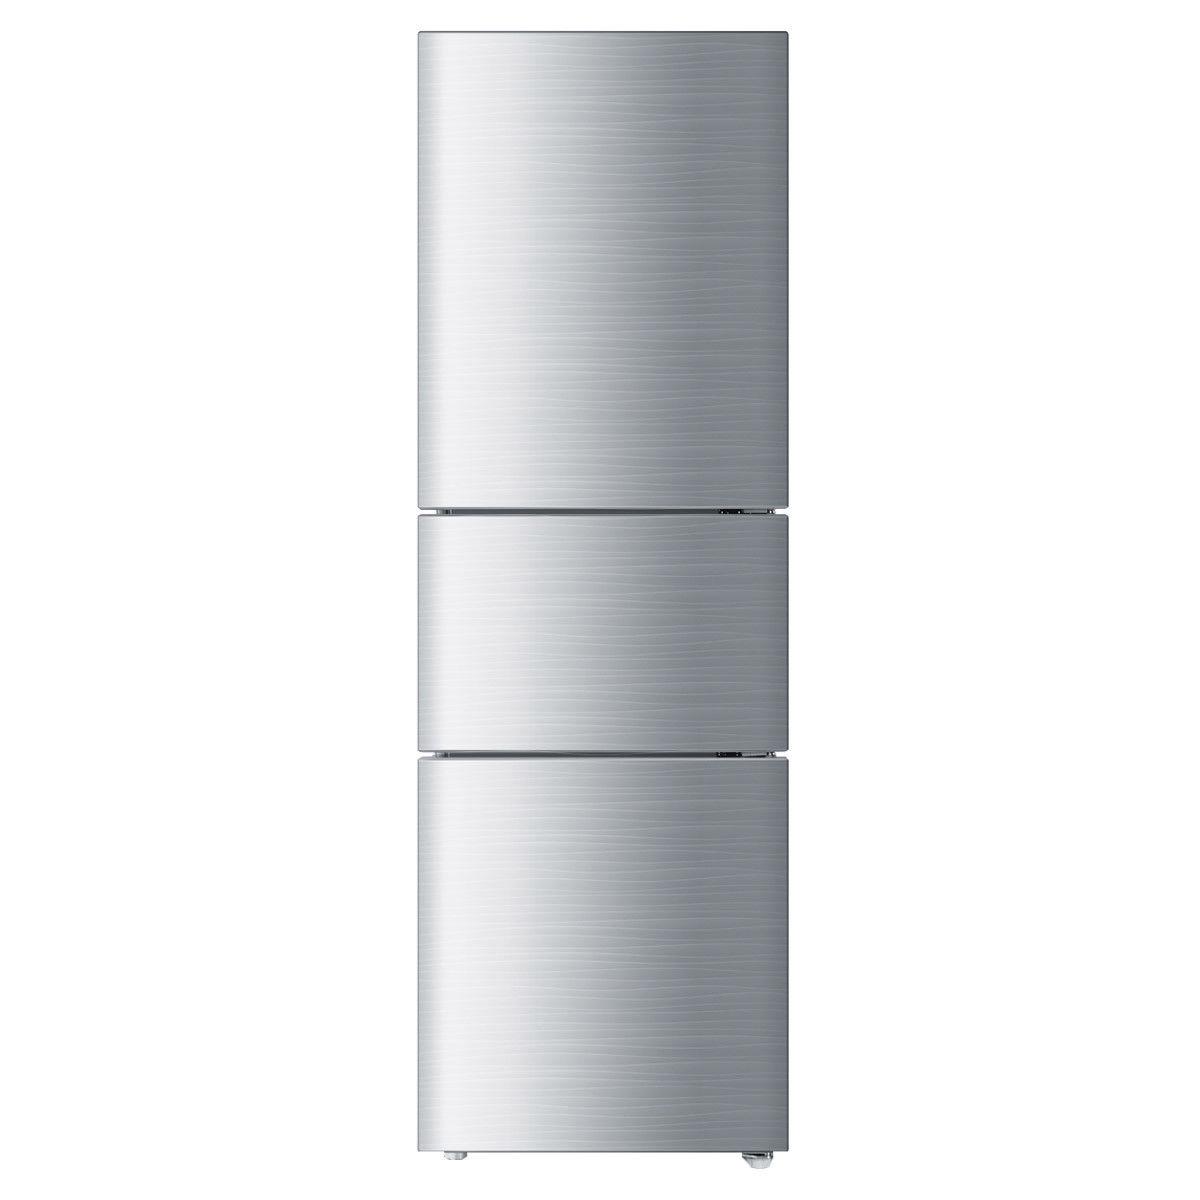 海尔BCD-331WDGQ家用电冰箱使用说明书 - 家电维修资料网